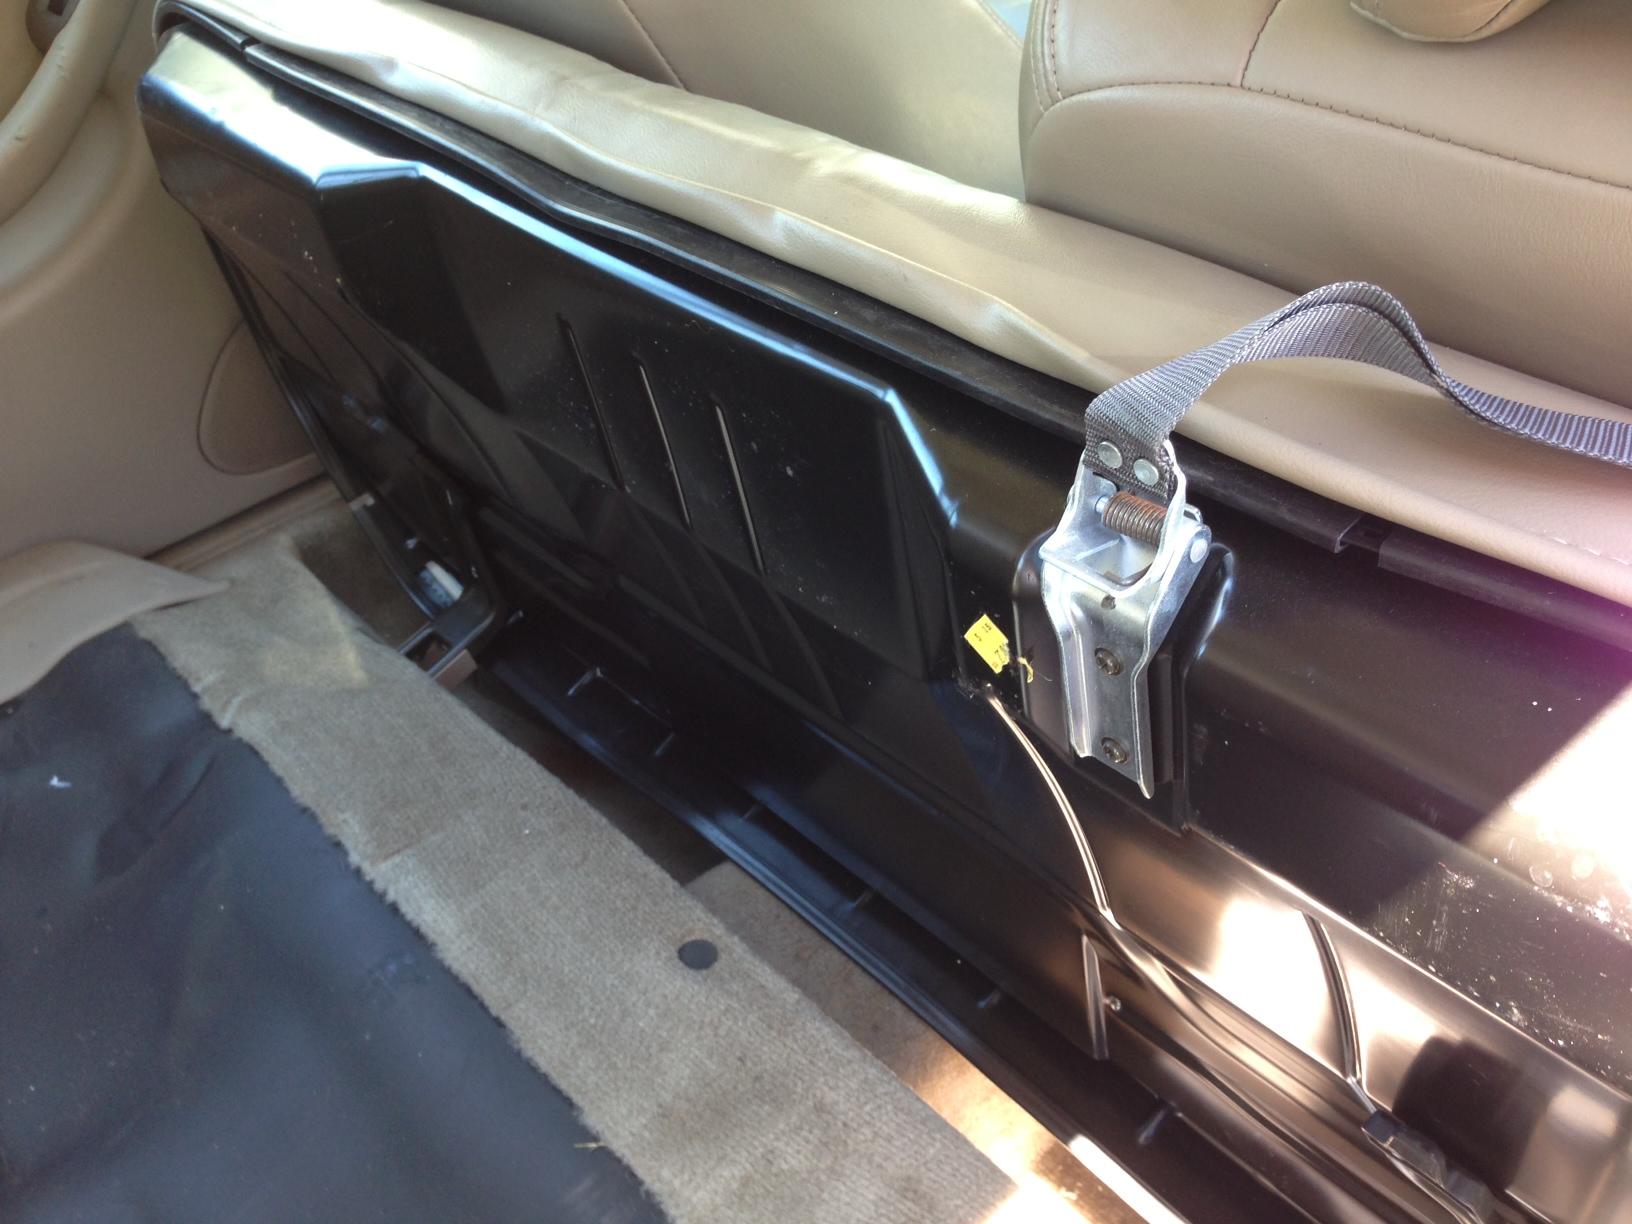 2000 OB Legacy folding back seat release - Subaru Outback ...